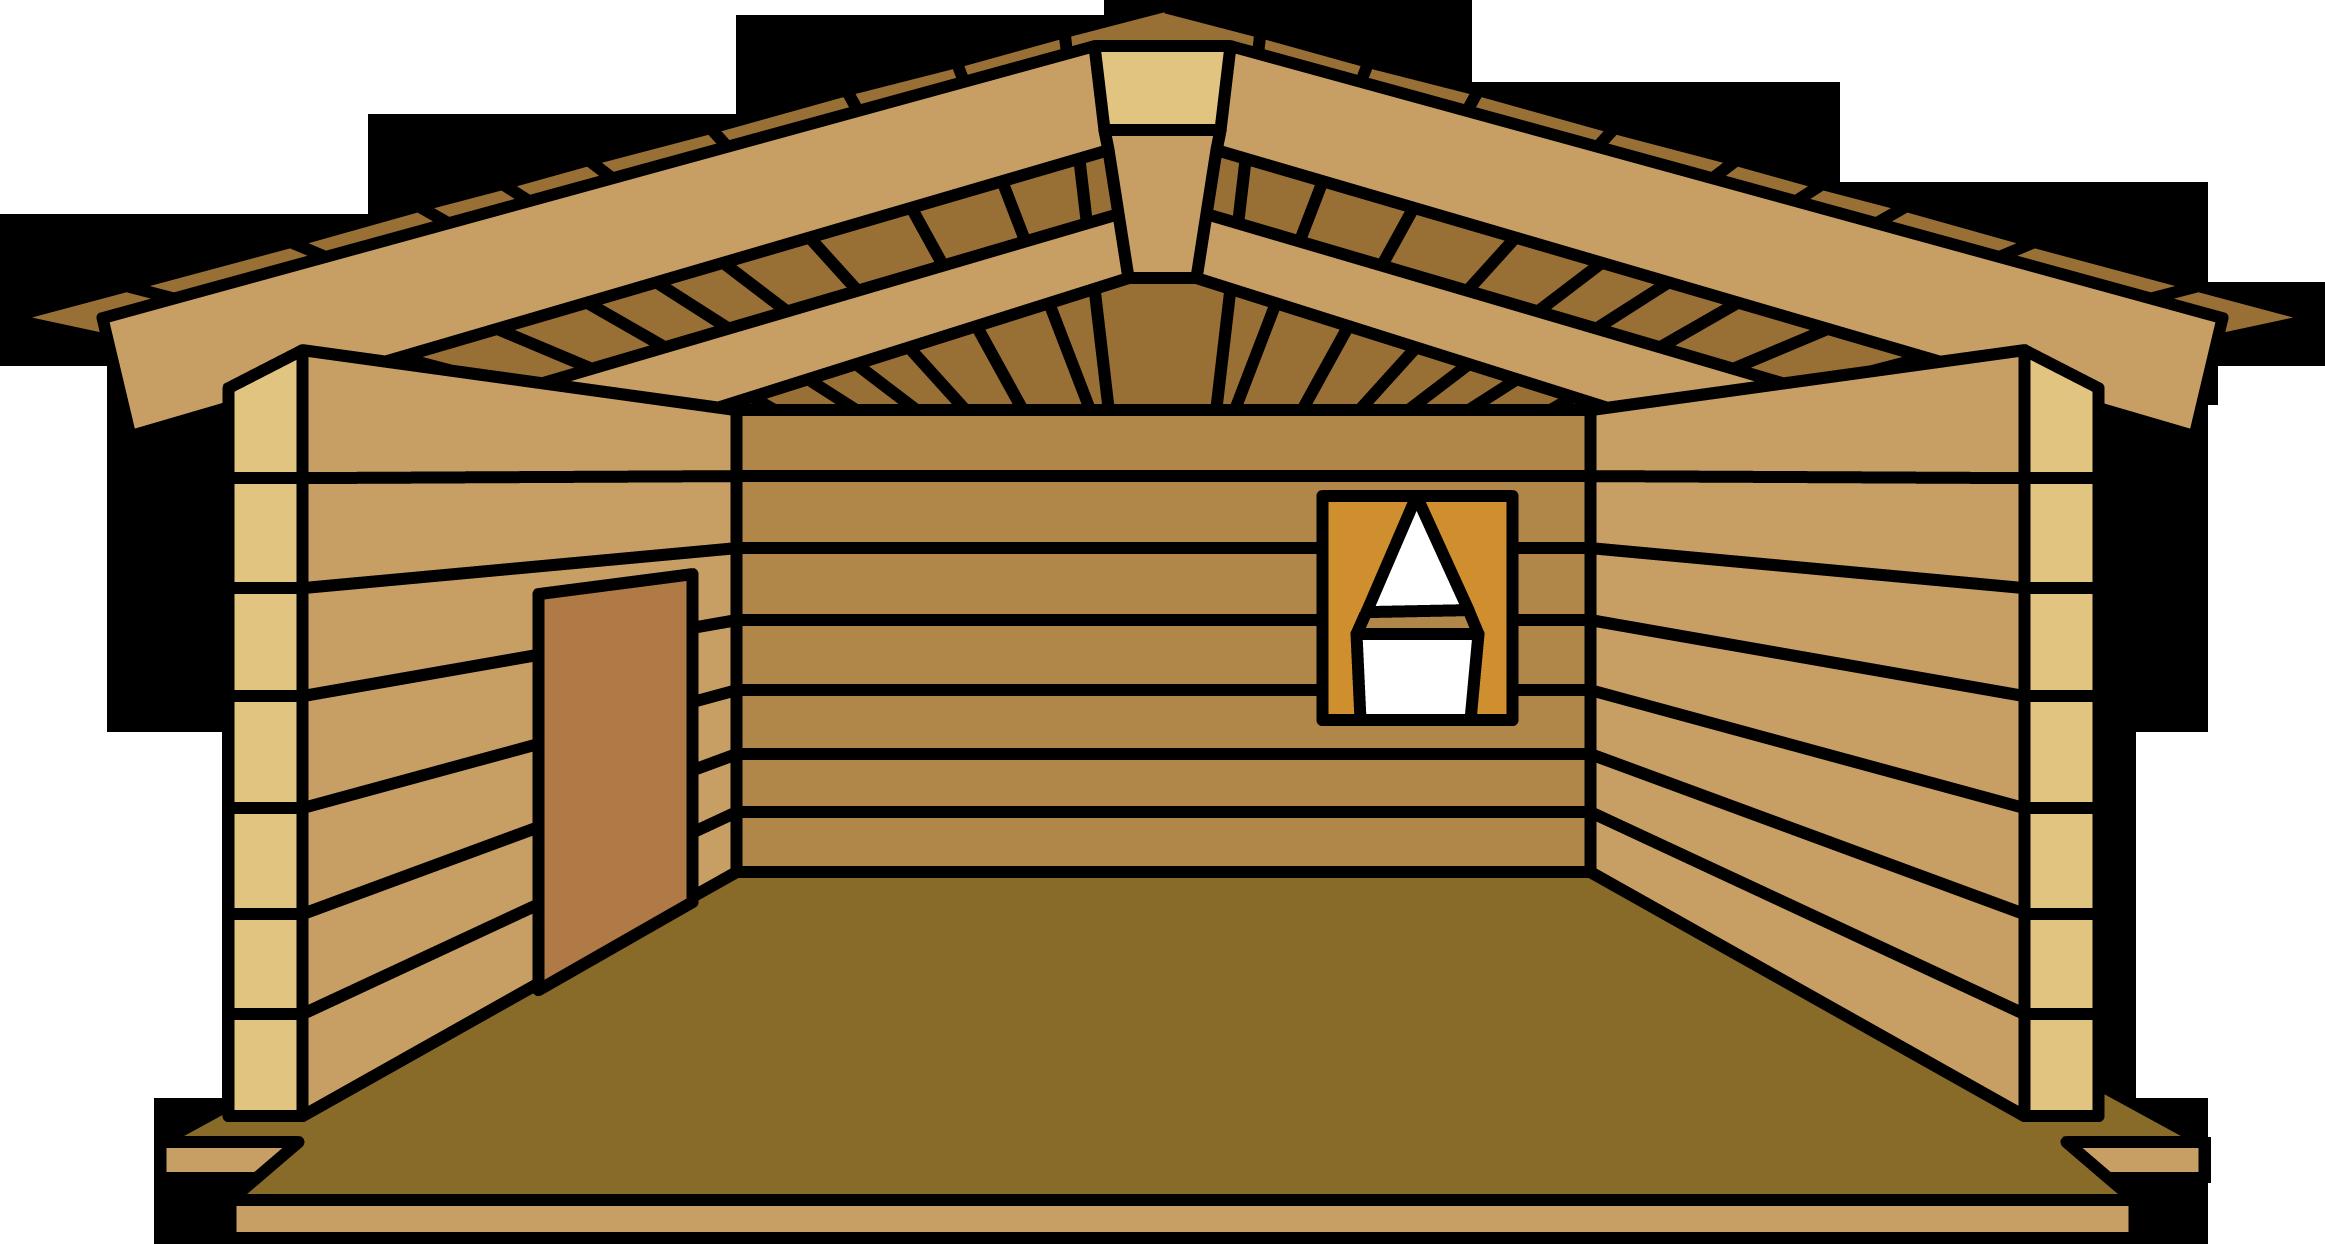 Cabaña (iglú)